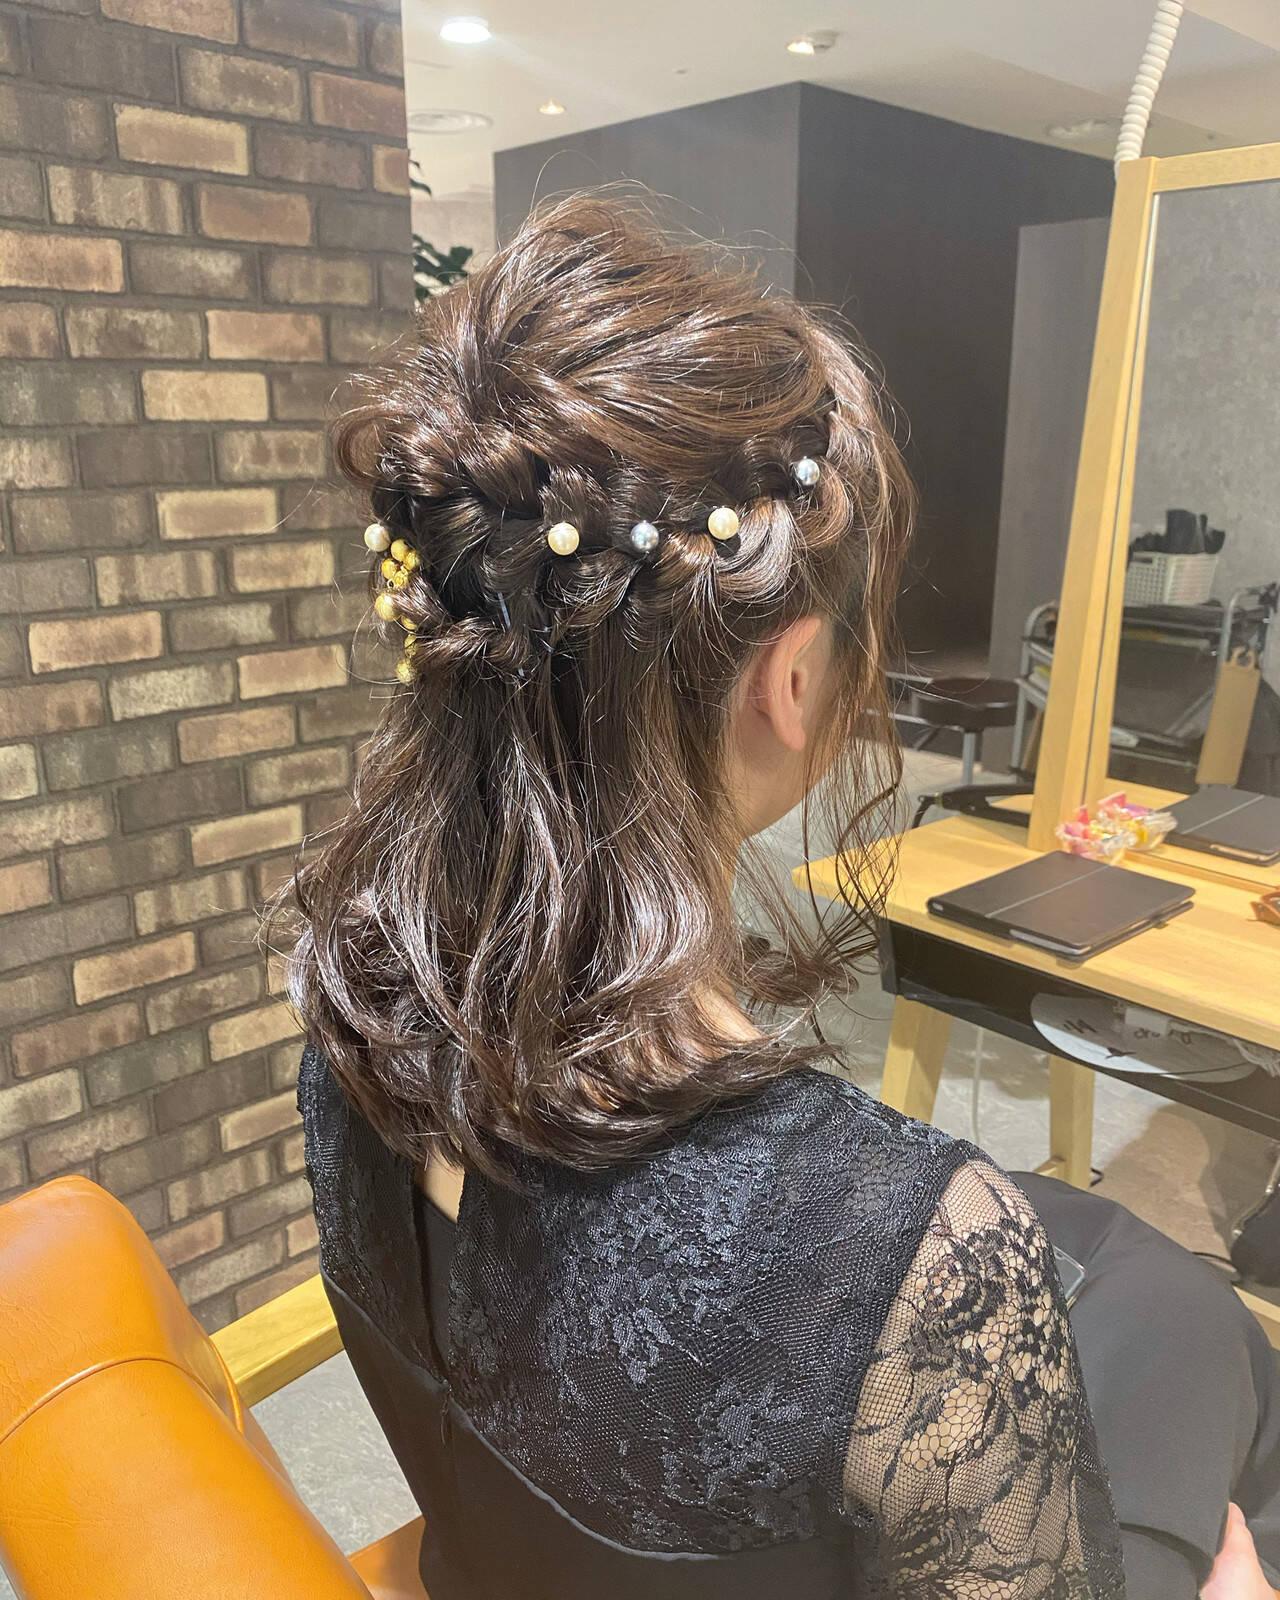 透明感カラー ナチュラル アイロンワーク ヘアアレンジヘアスタイルや髪型の写真・画像